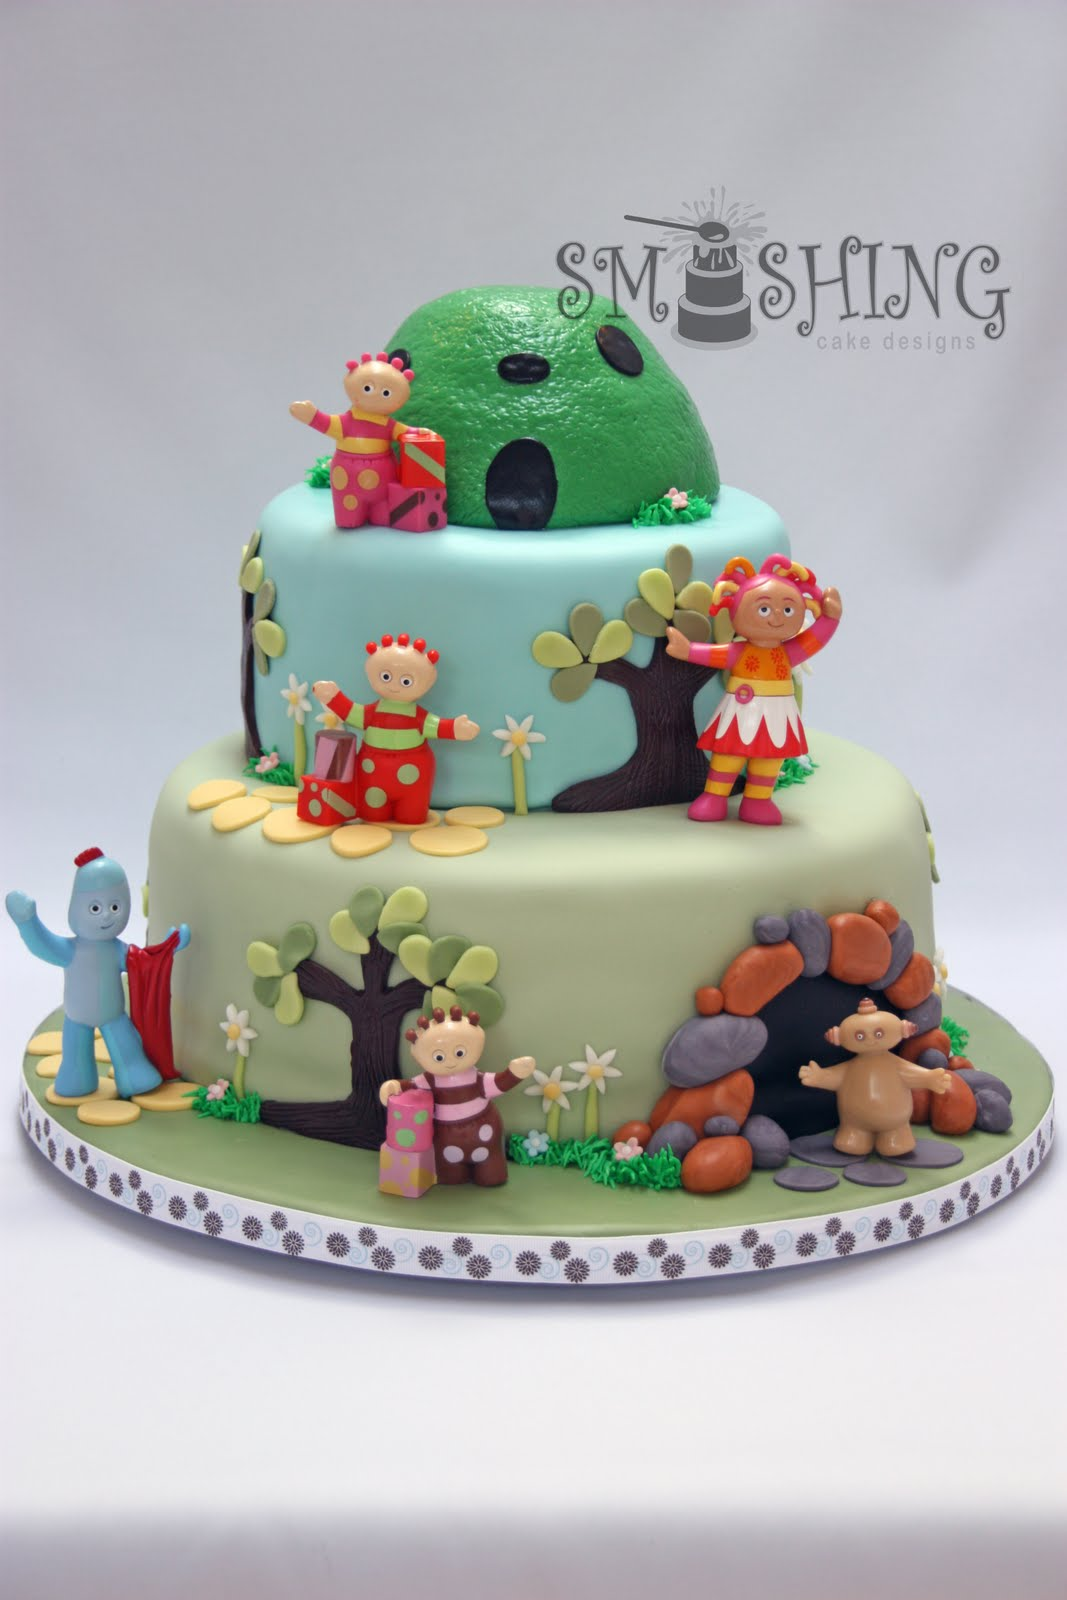 Smashing Cake Designs: First Birthday